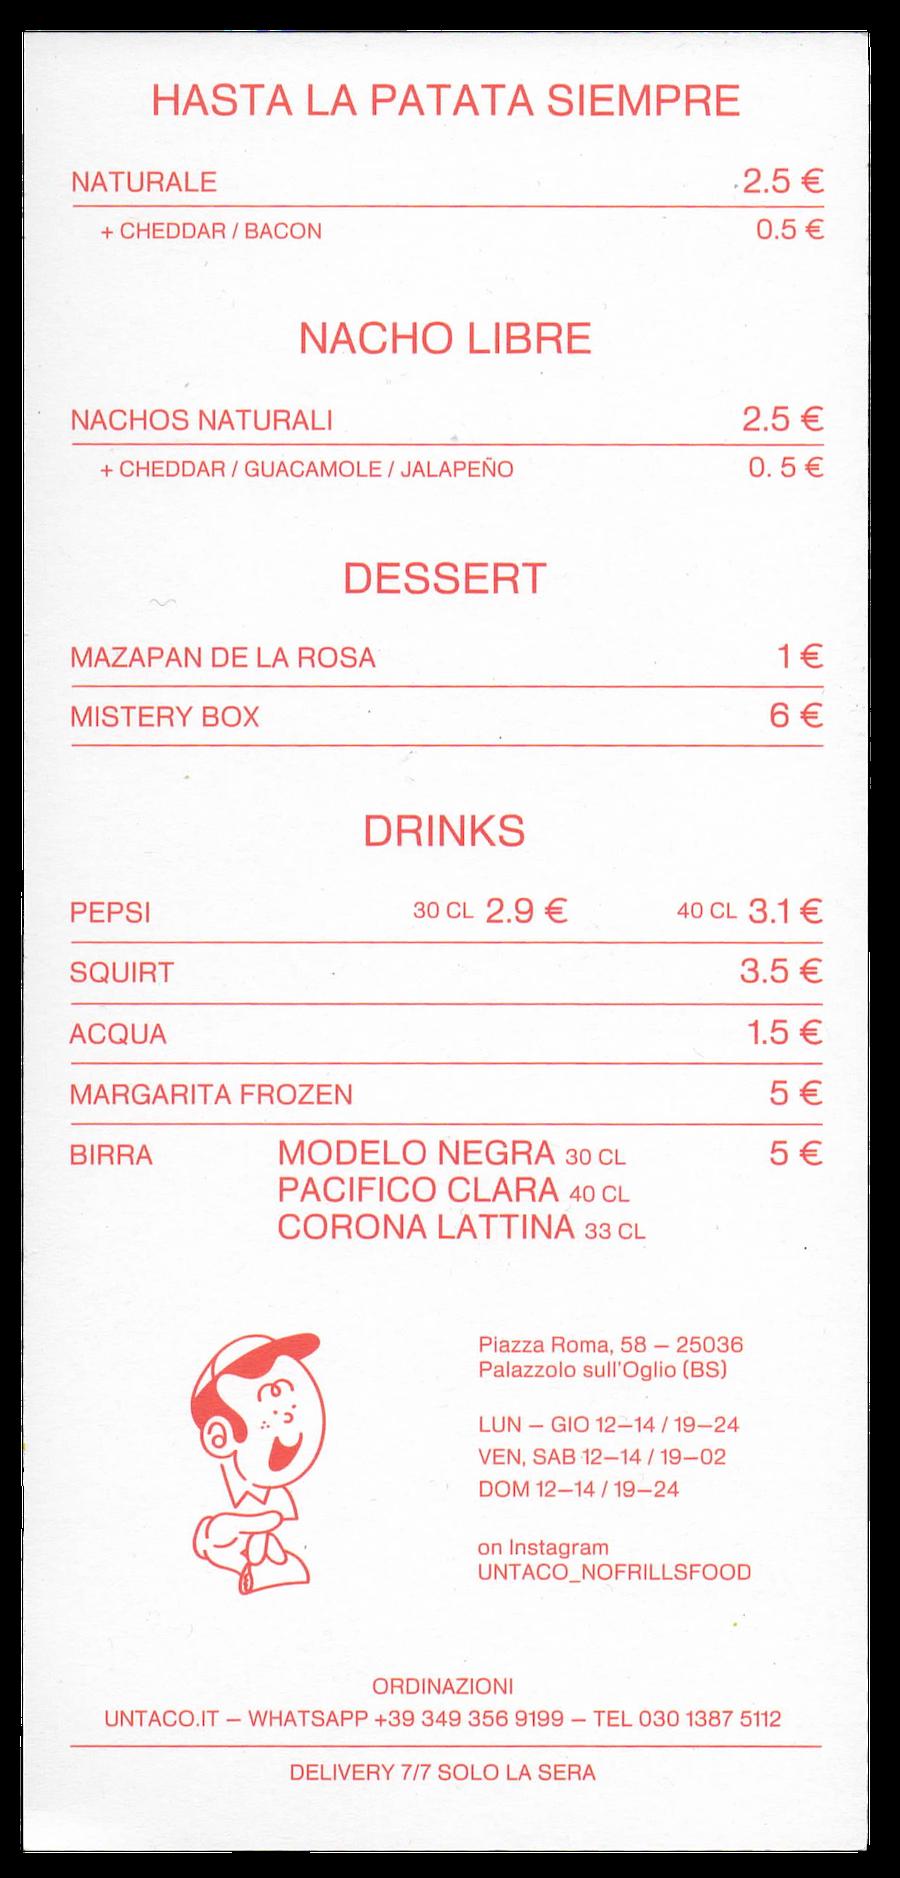 untaco no frills food menu palazzolo sull'oglio brescia